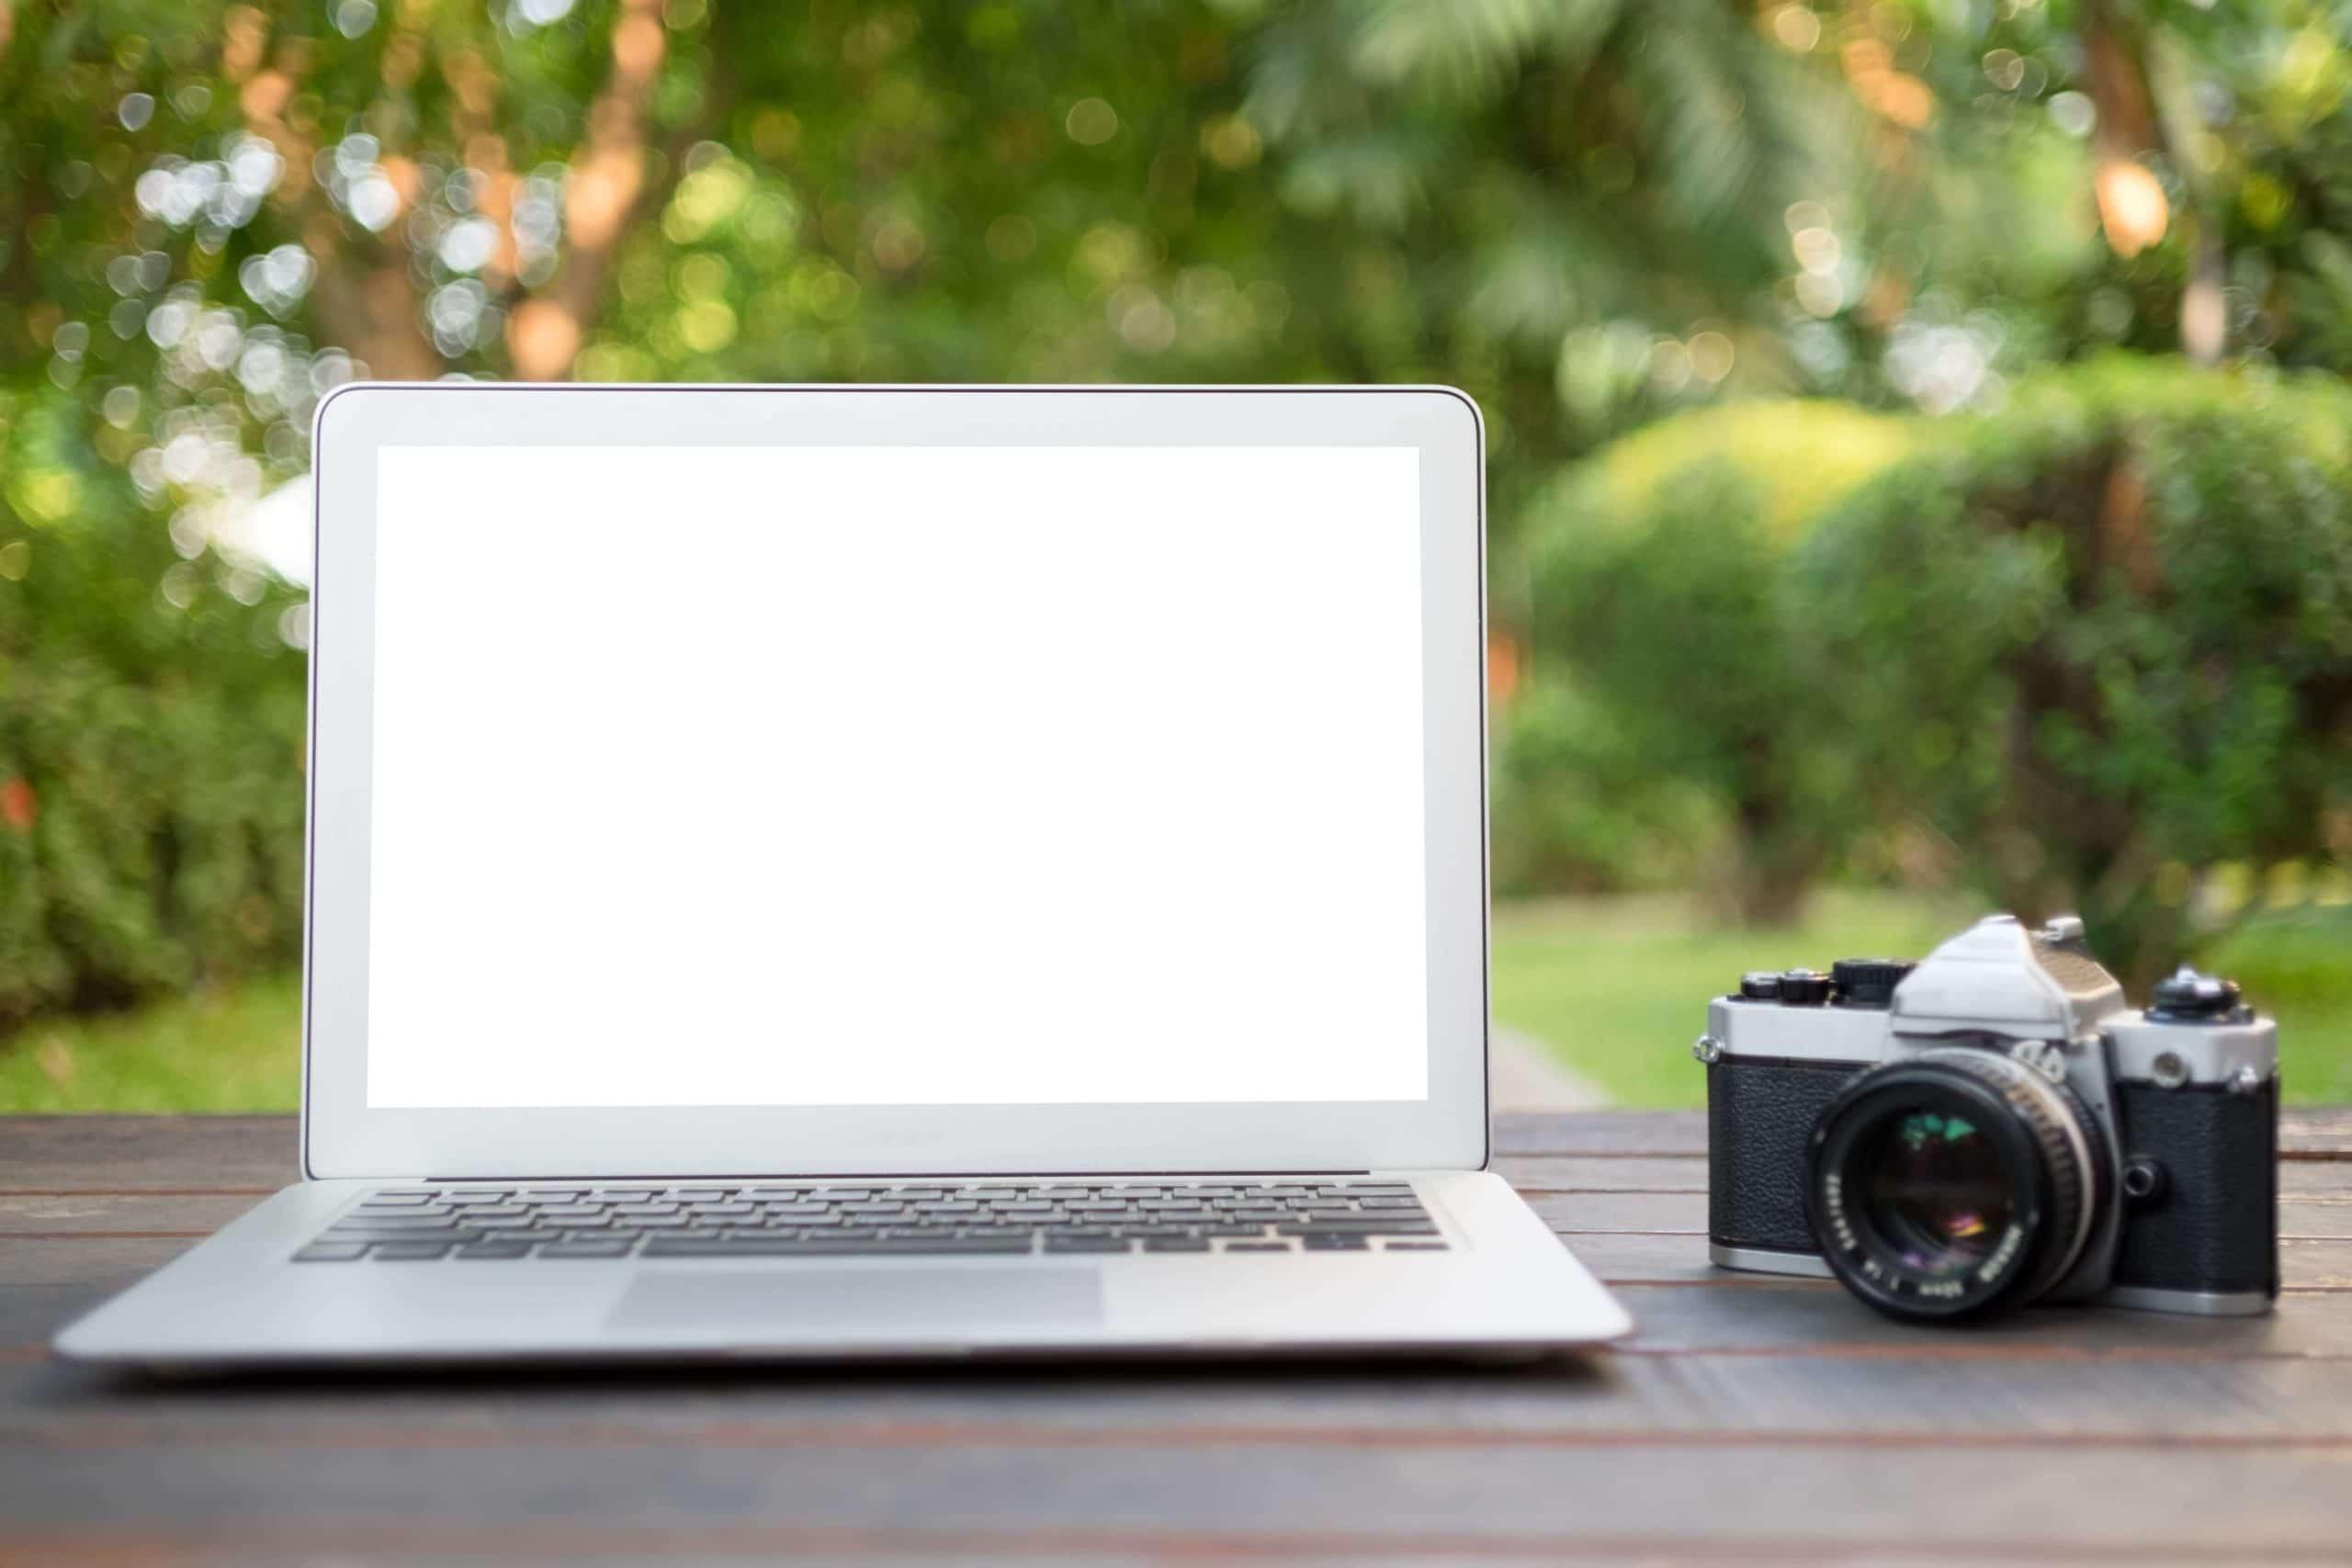 Portfólio de fotografia: 7 razões para você montar um hoje mesmo!